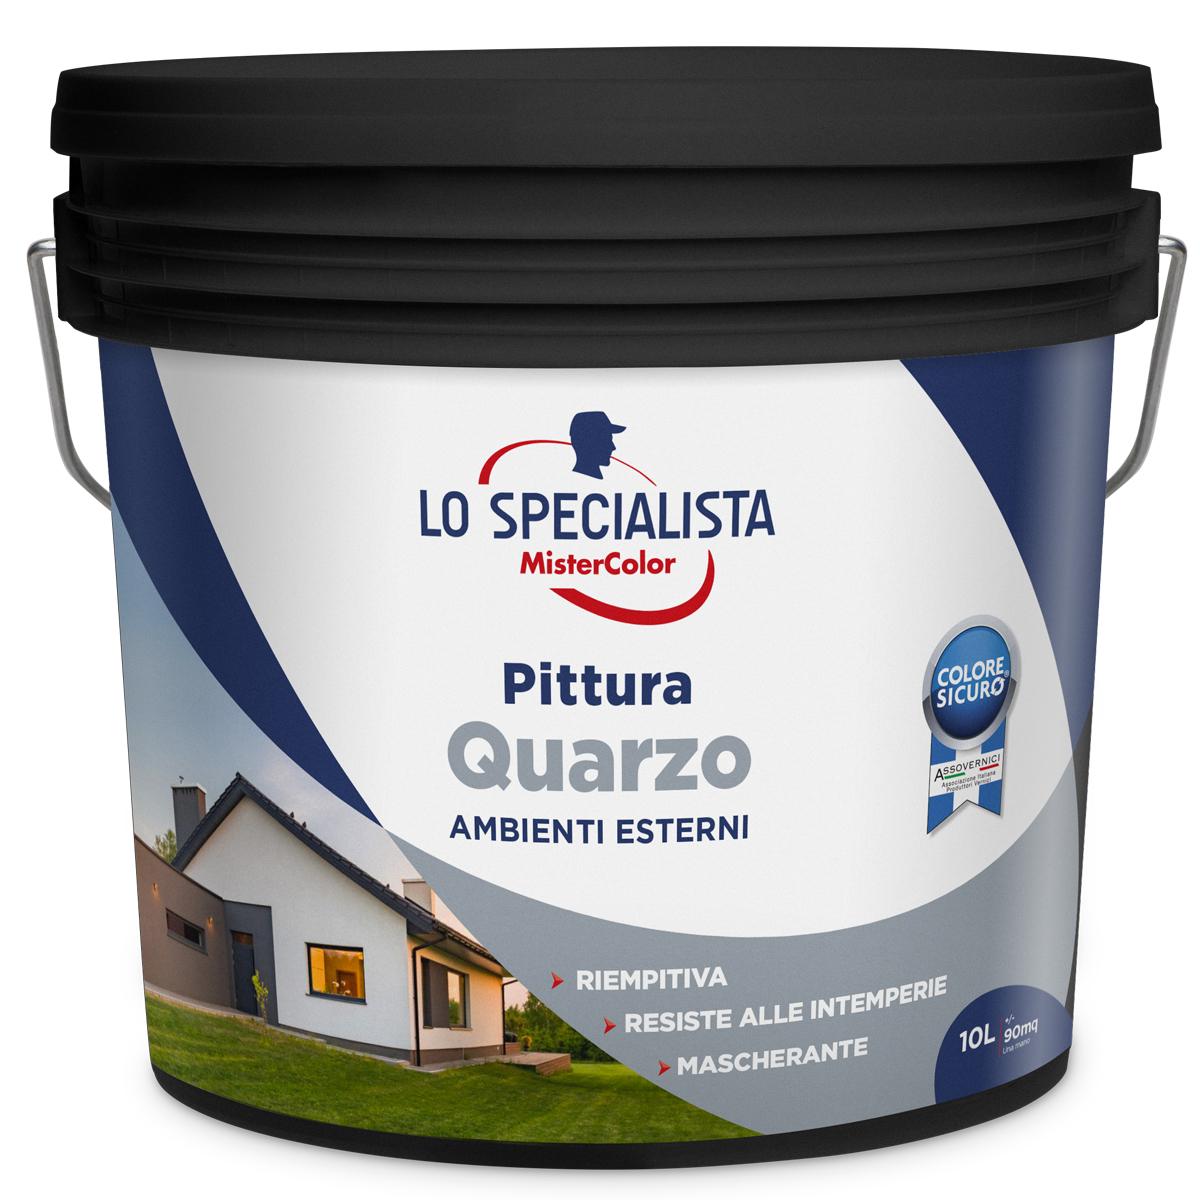 pittura lavabile acrilica bianca interni esterni. Pittura Al Quarzo Bianca Lt 10 195128l010001 Lo Specialista Scaramuzzamodo It